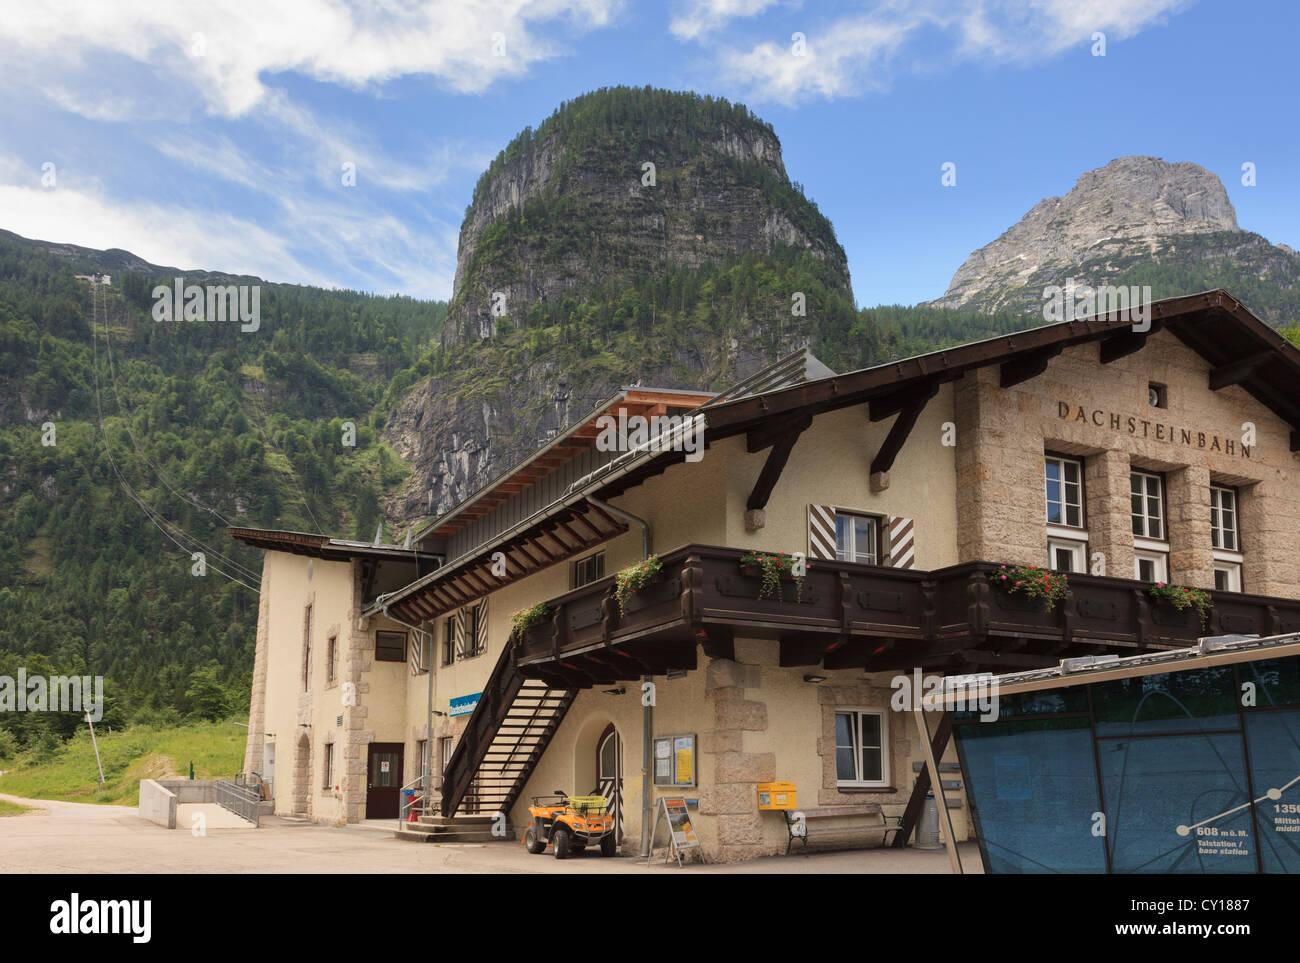 Dachstein World Heritage Cableway base station or Dachsteinbahn near Obertraun, Salzkammergut, Austria, Europe - Stock Image